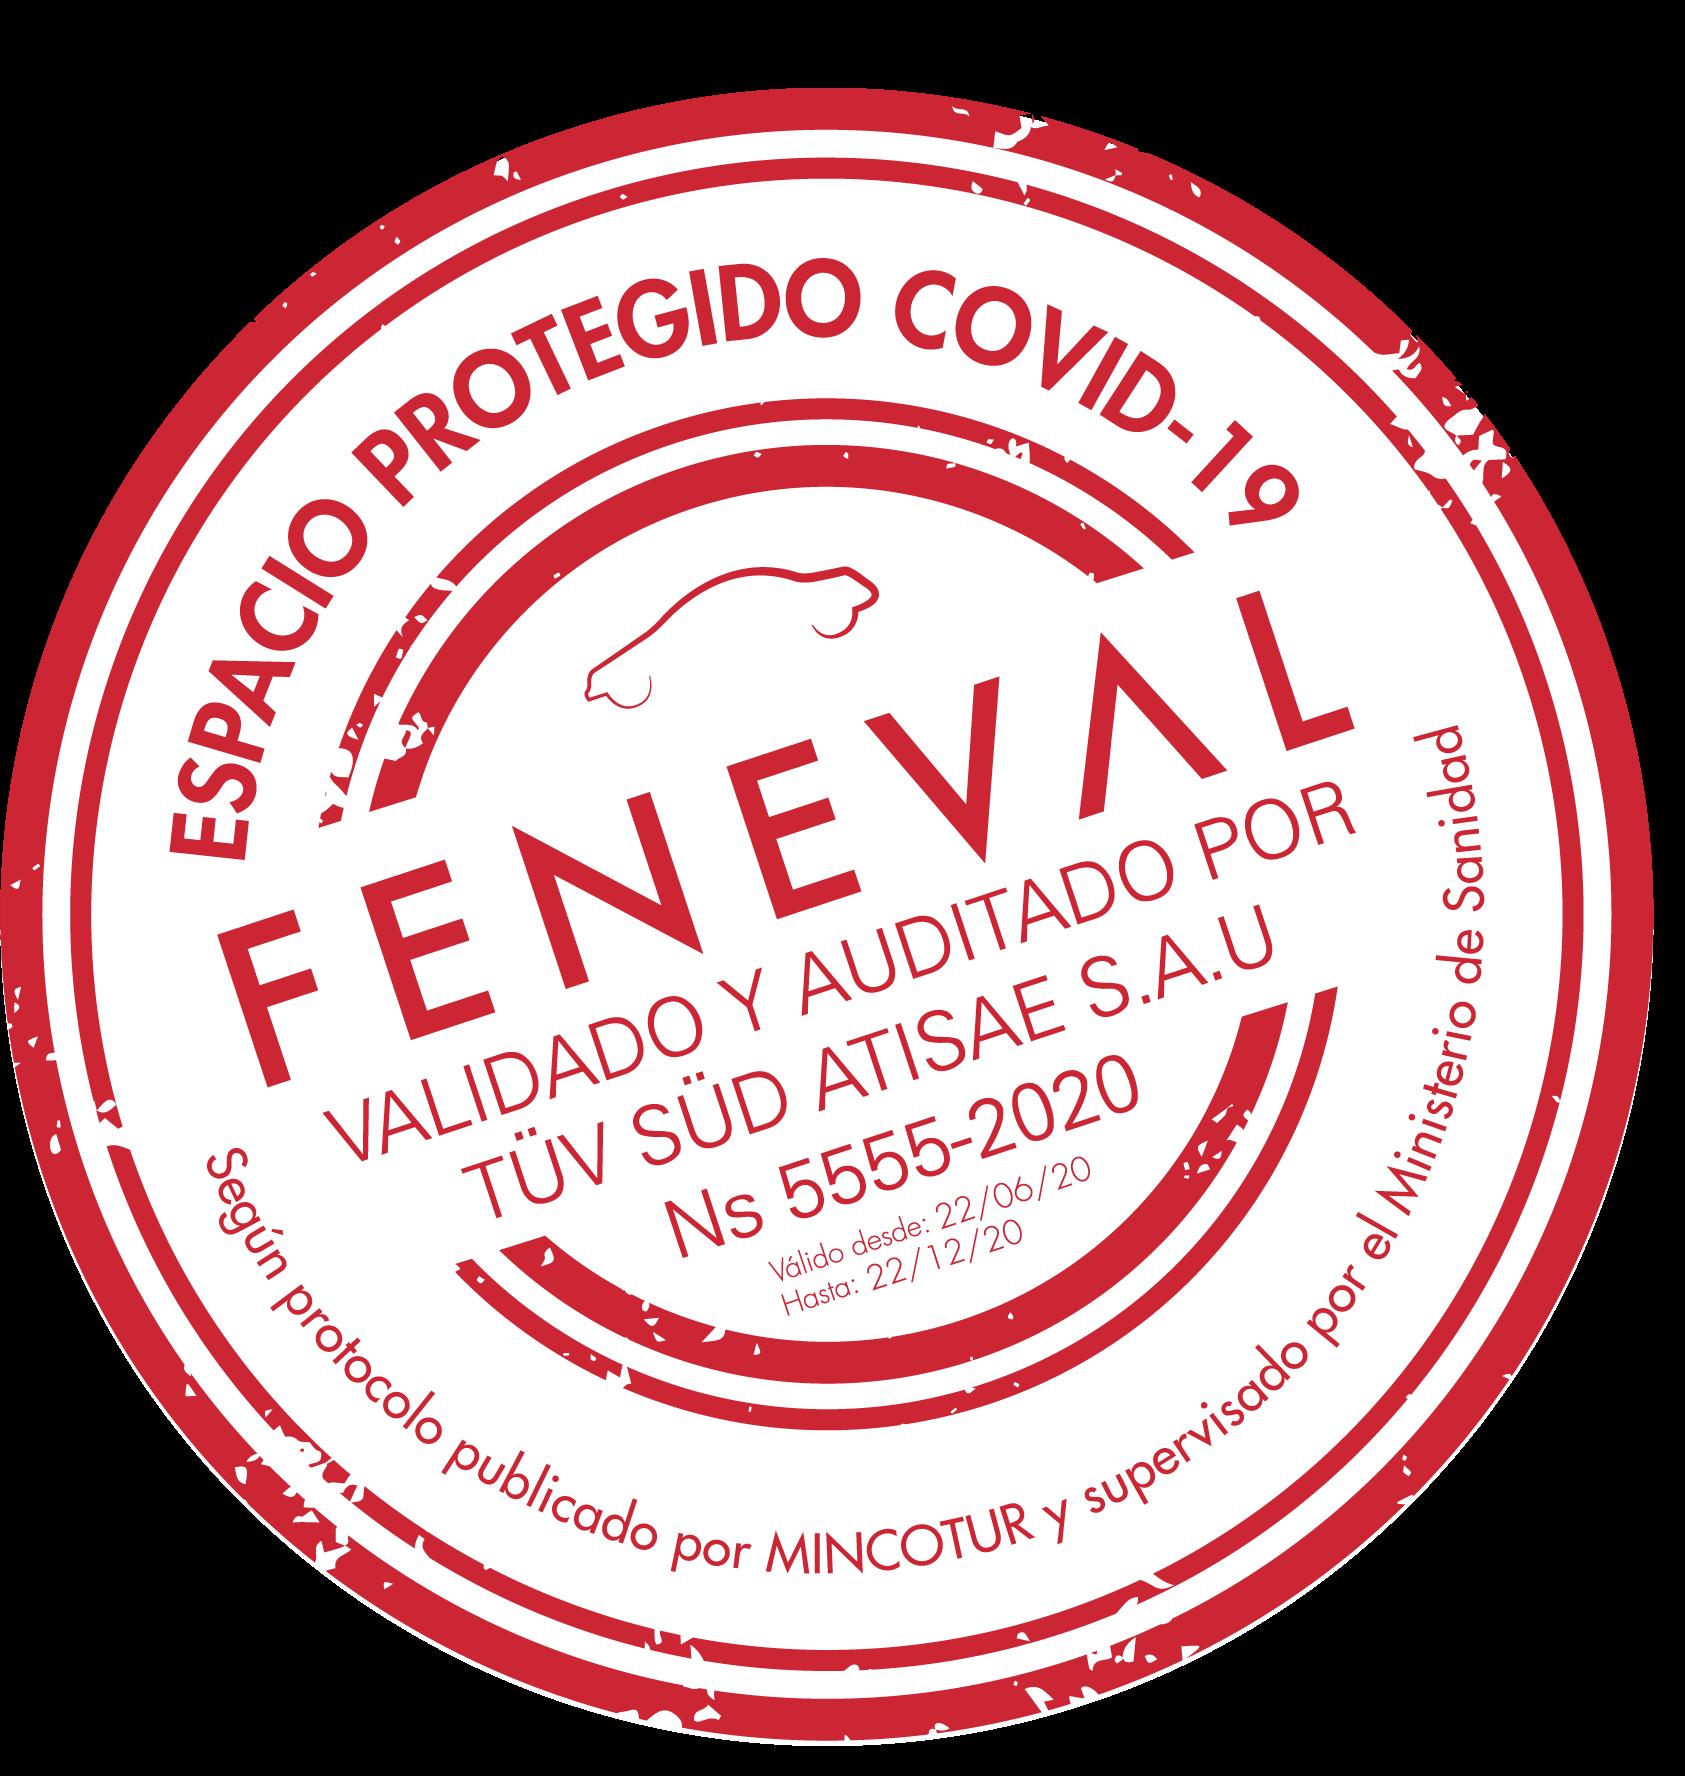 """Europcar, Helle Hollis y Javea Cars, primeros en obtener el sello FENEVAL """"Espacio Protegido COVID-19"""""""